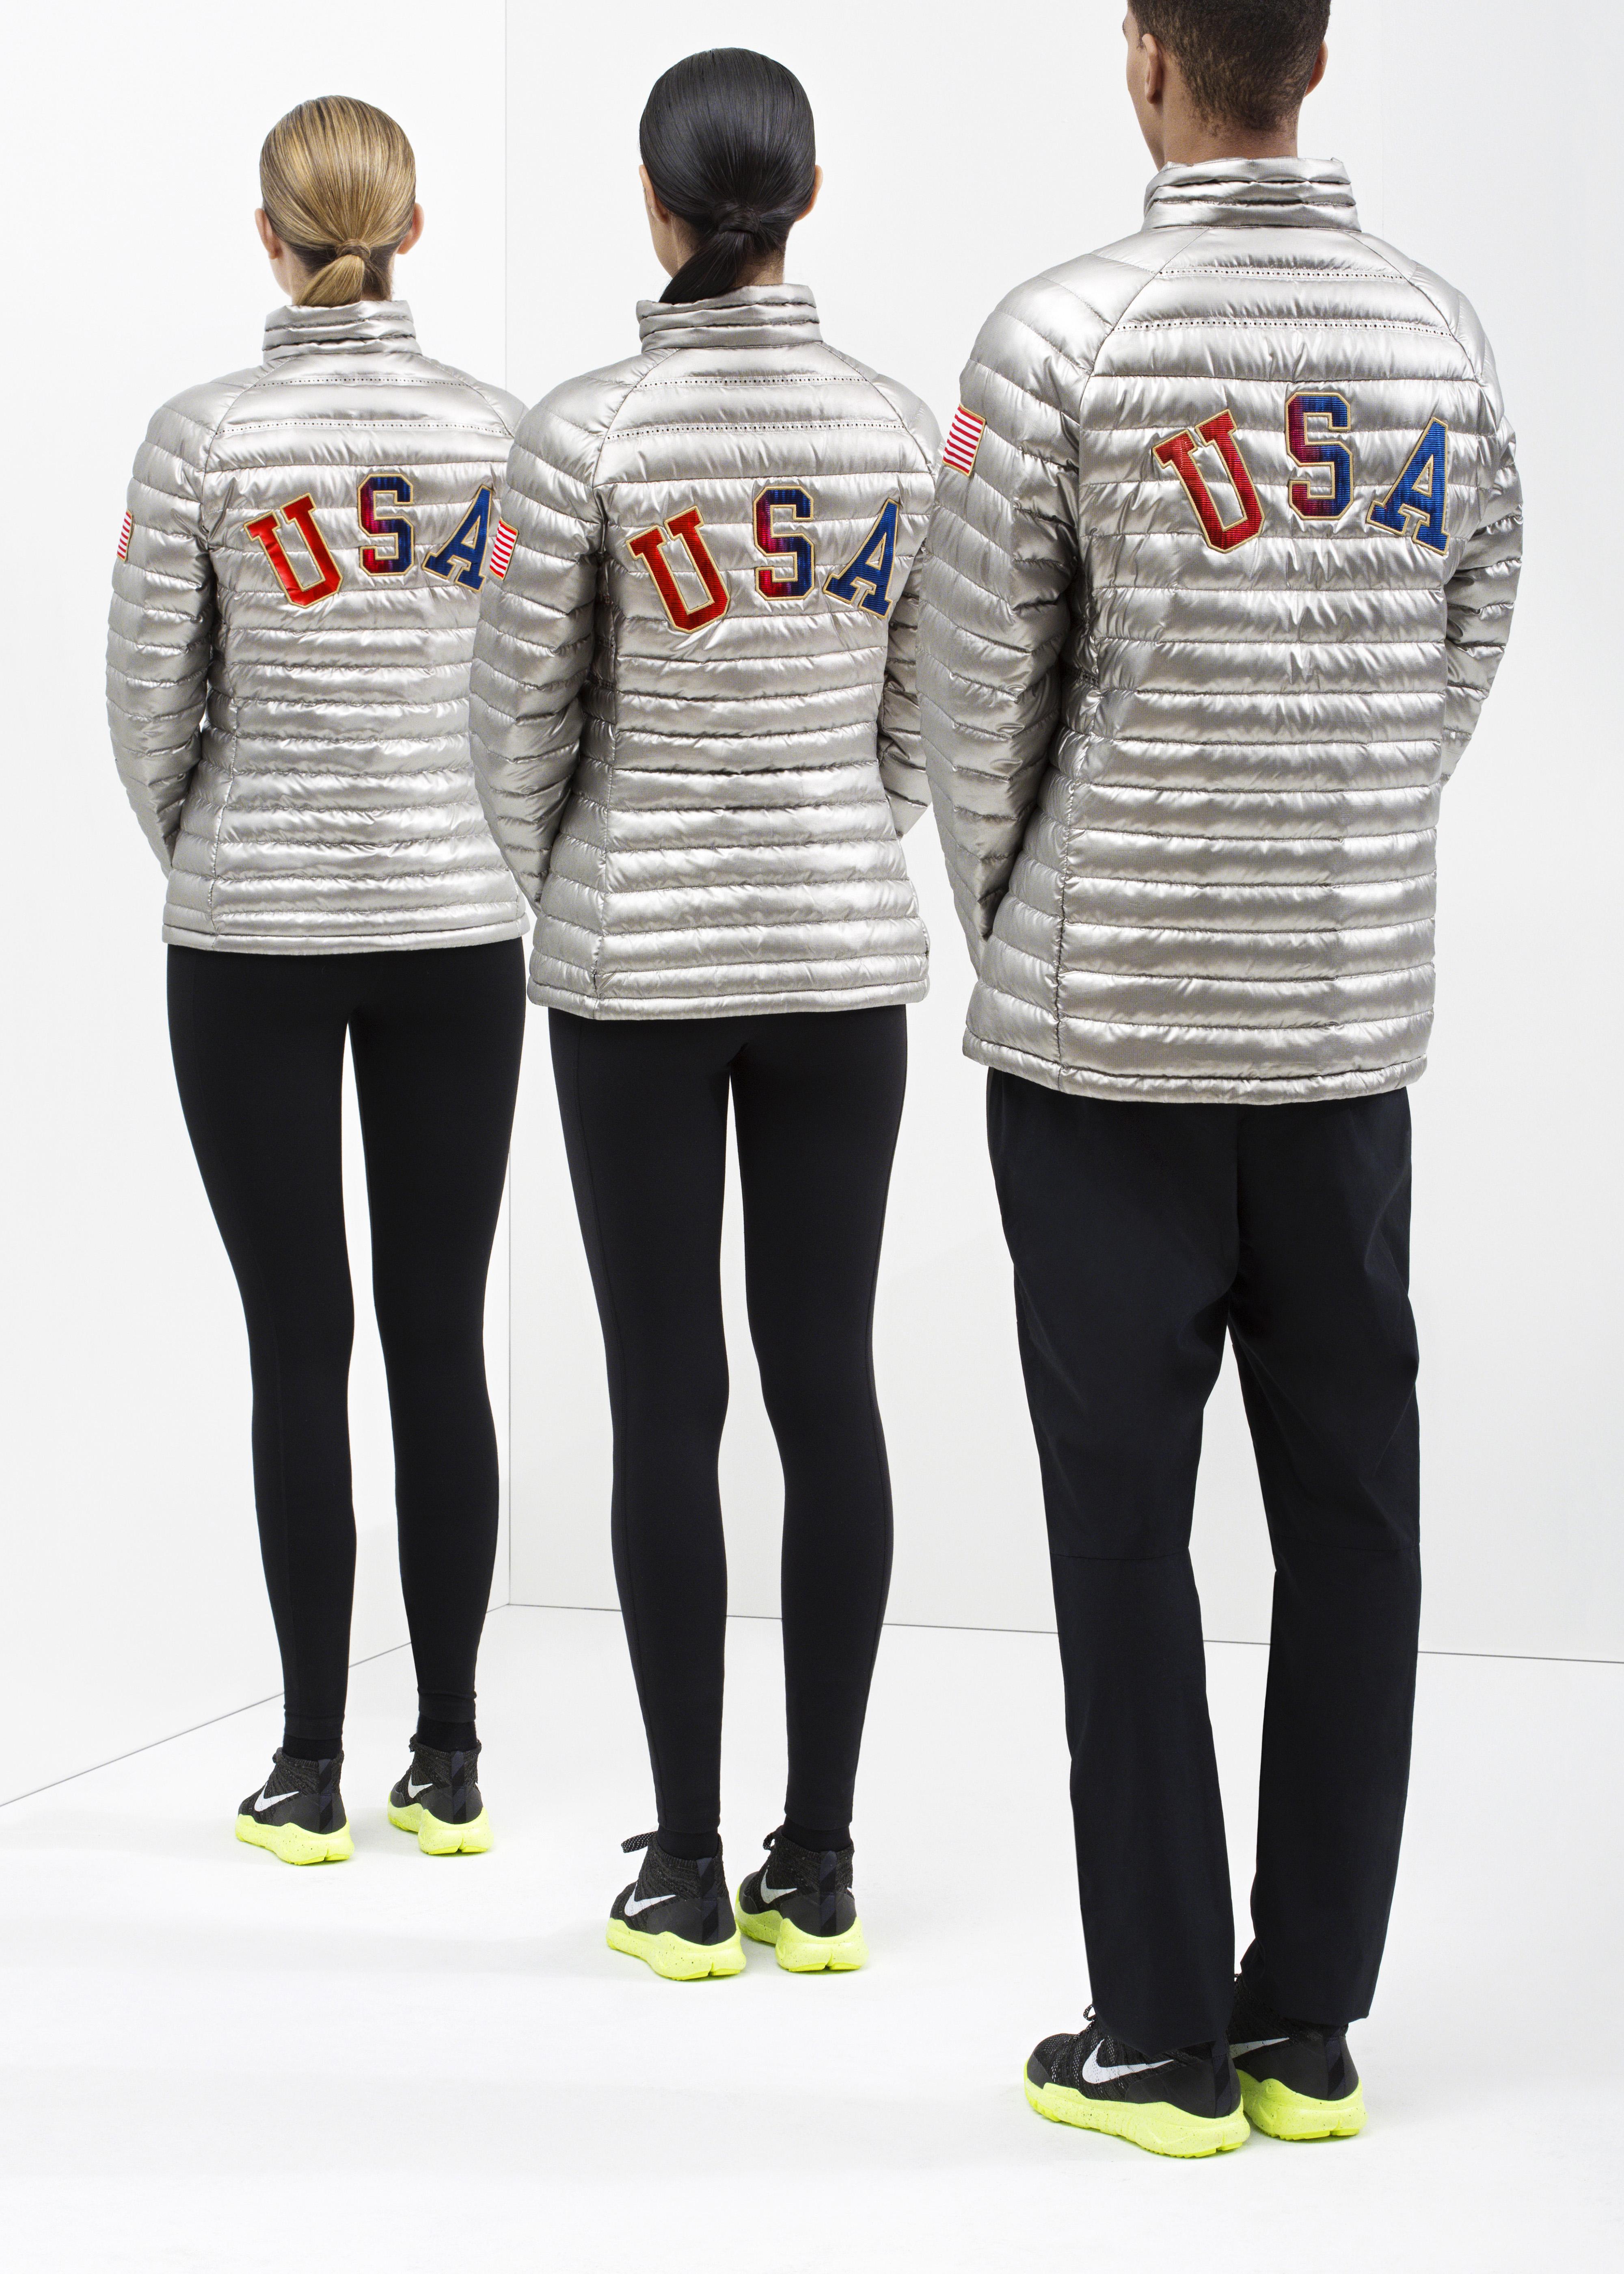 Nike Flyknit Jacket